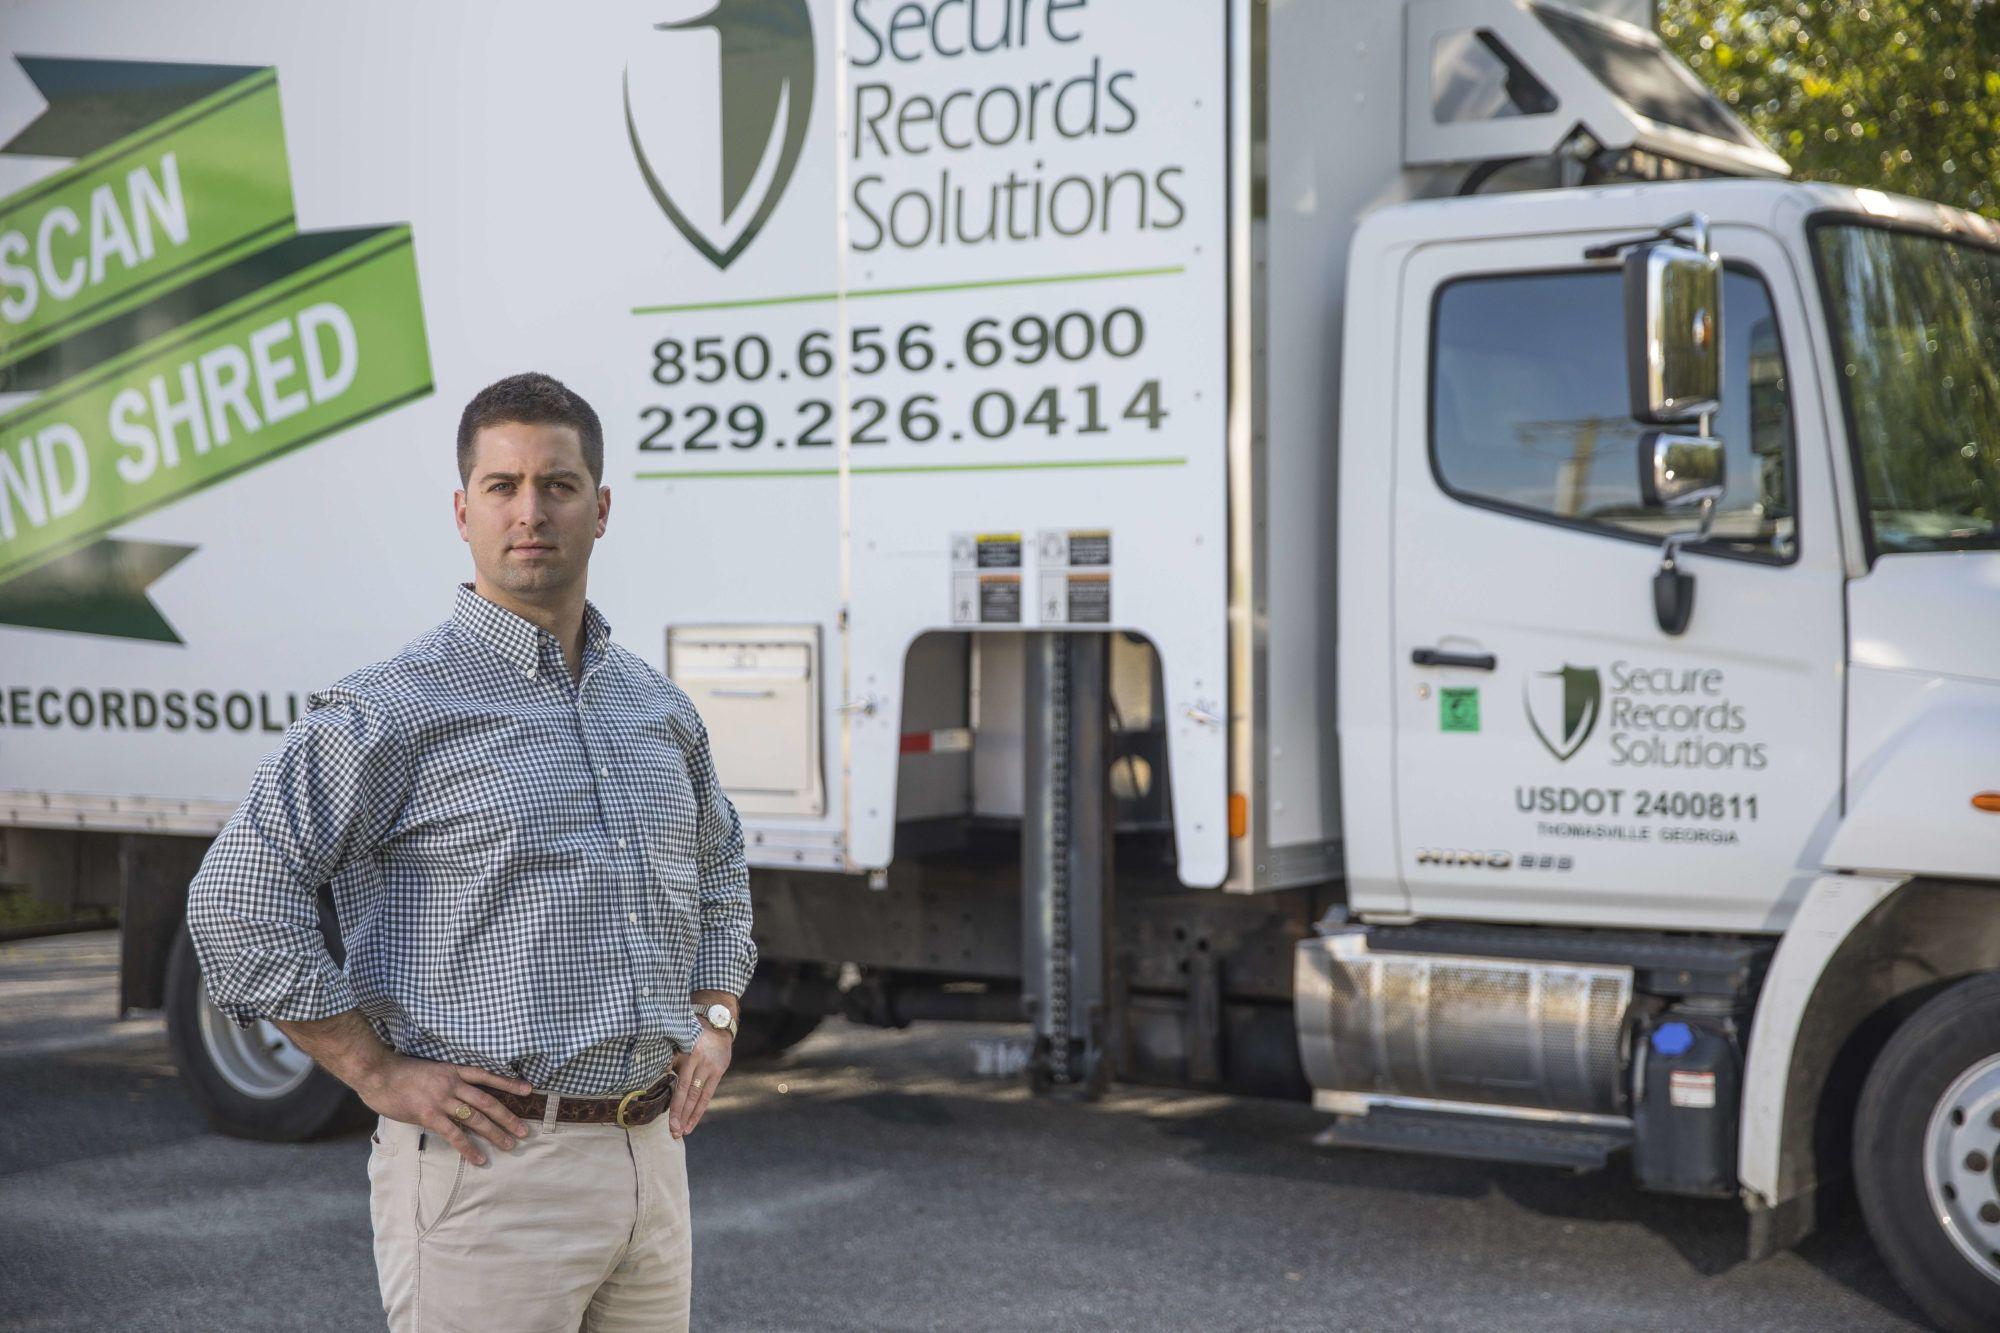 Shred Truck, Mobile Shredding, Onsite Shredding, Onsite Shred Purge, Onsite Paper Shredding, Shredding Tallahassee